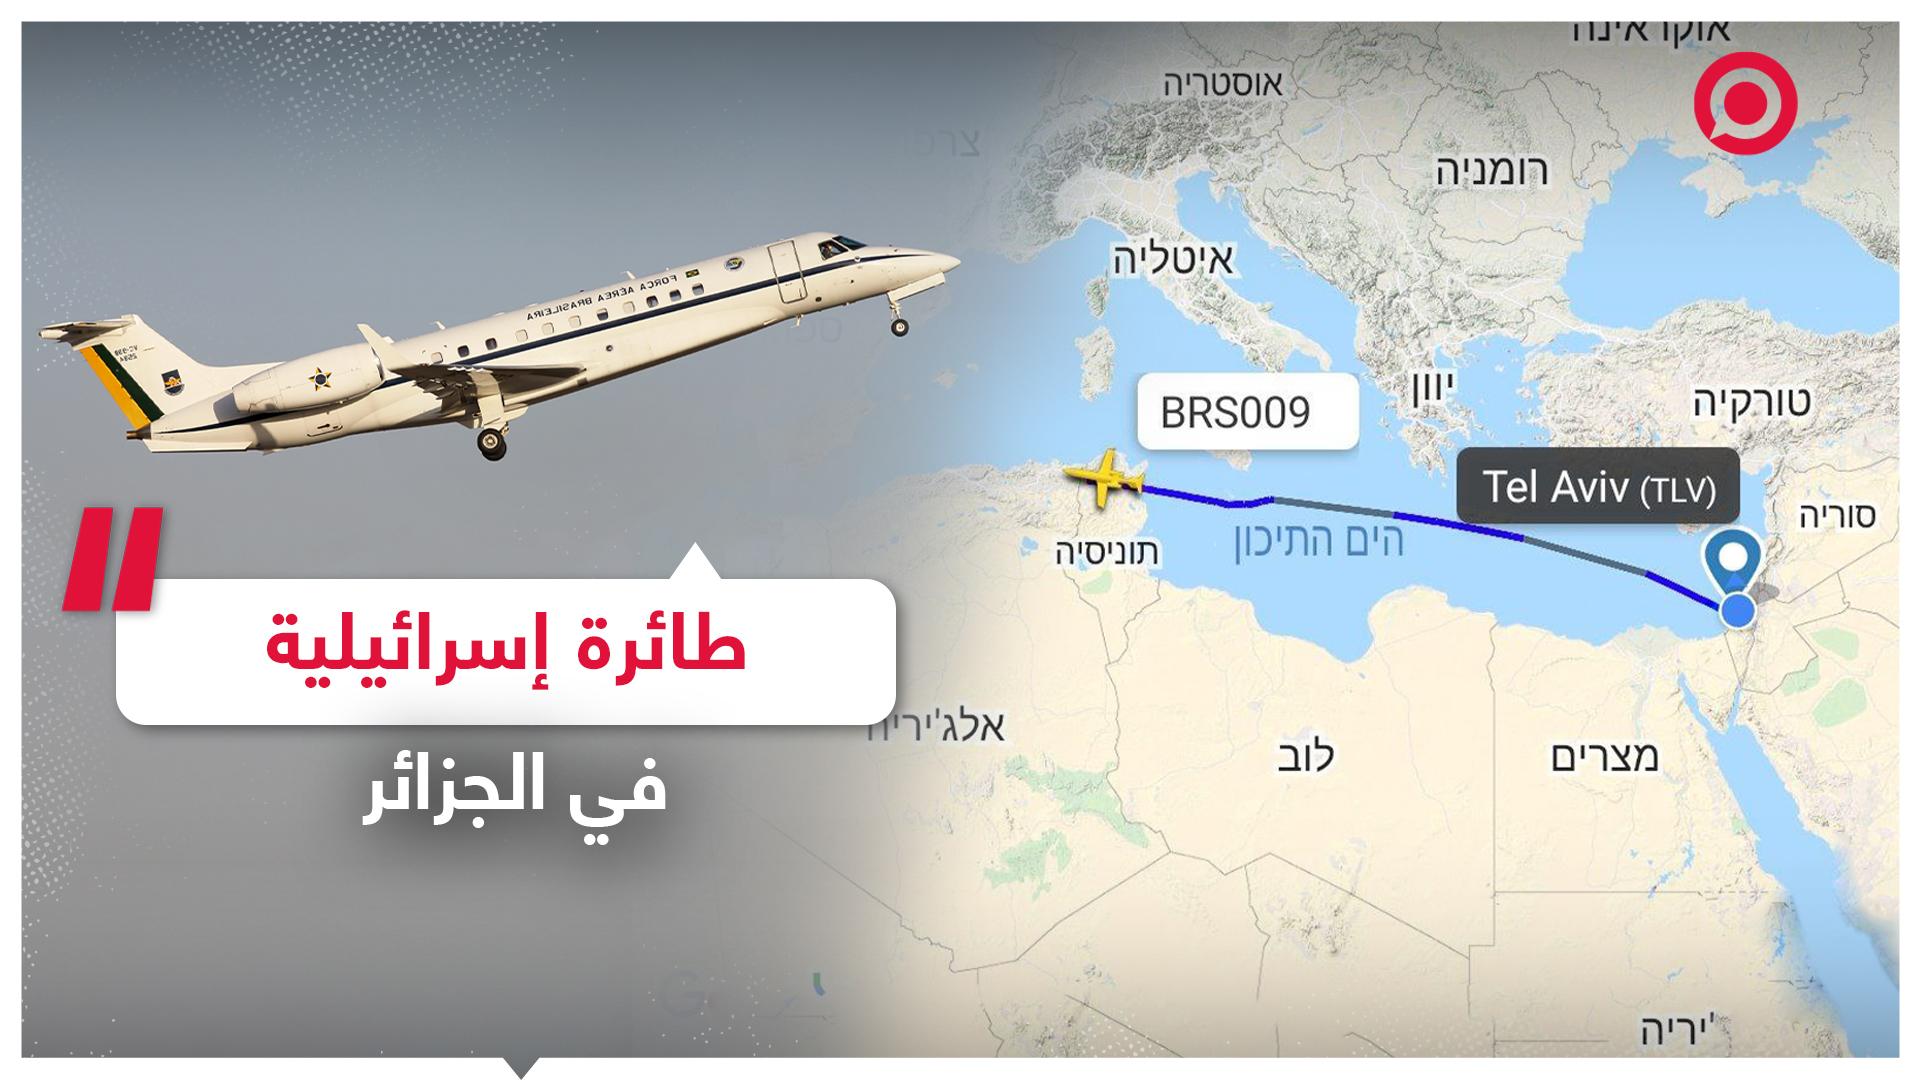 صحافة إسرائيلية تزعم هبوط طائرة من تل أبيب بمطار الجزائر